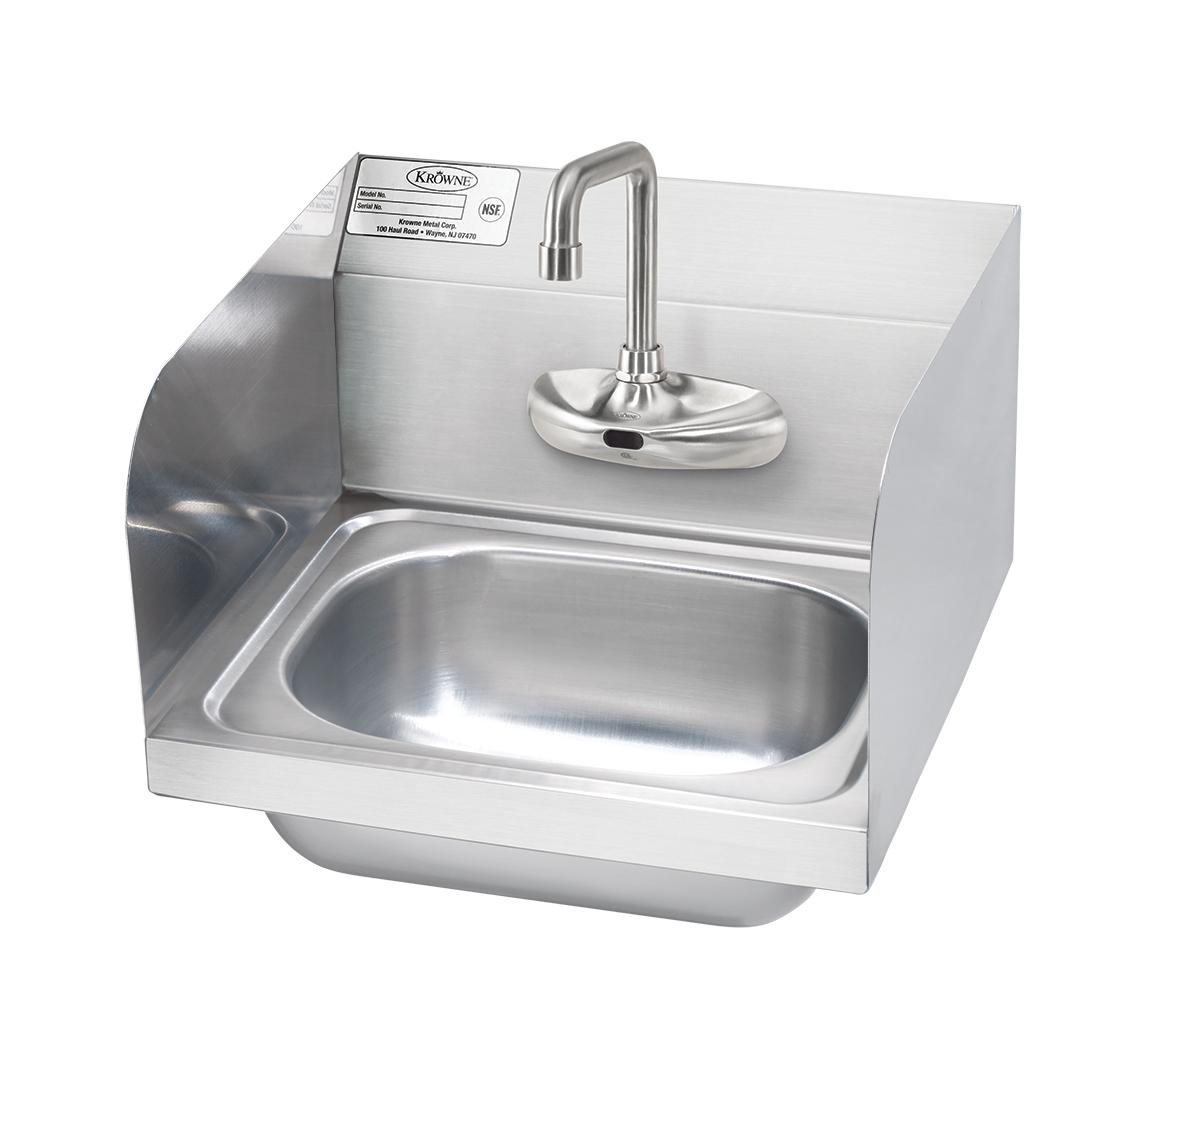 Krowne Metal HS-68 hand sinks